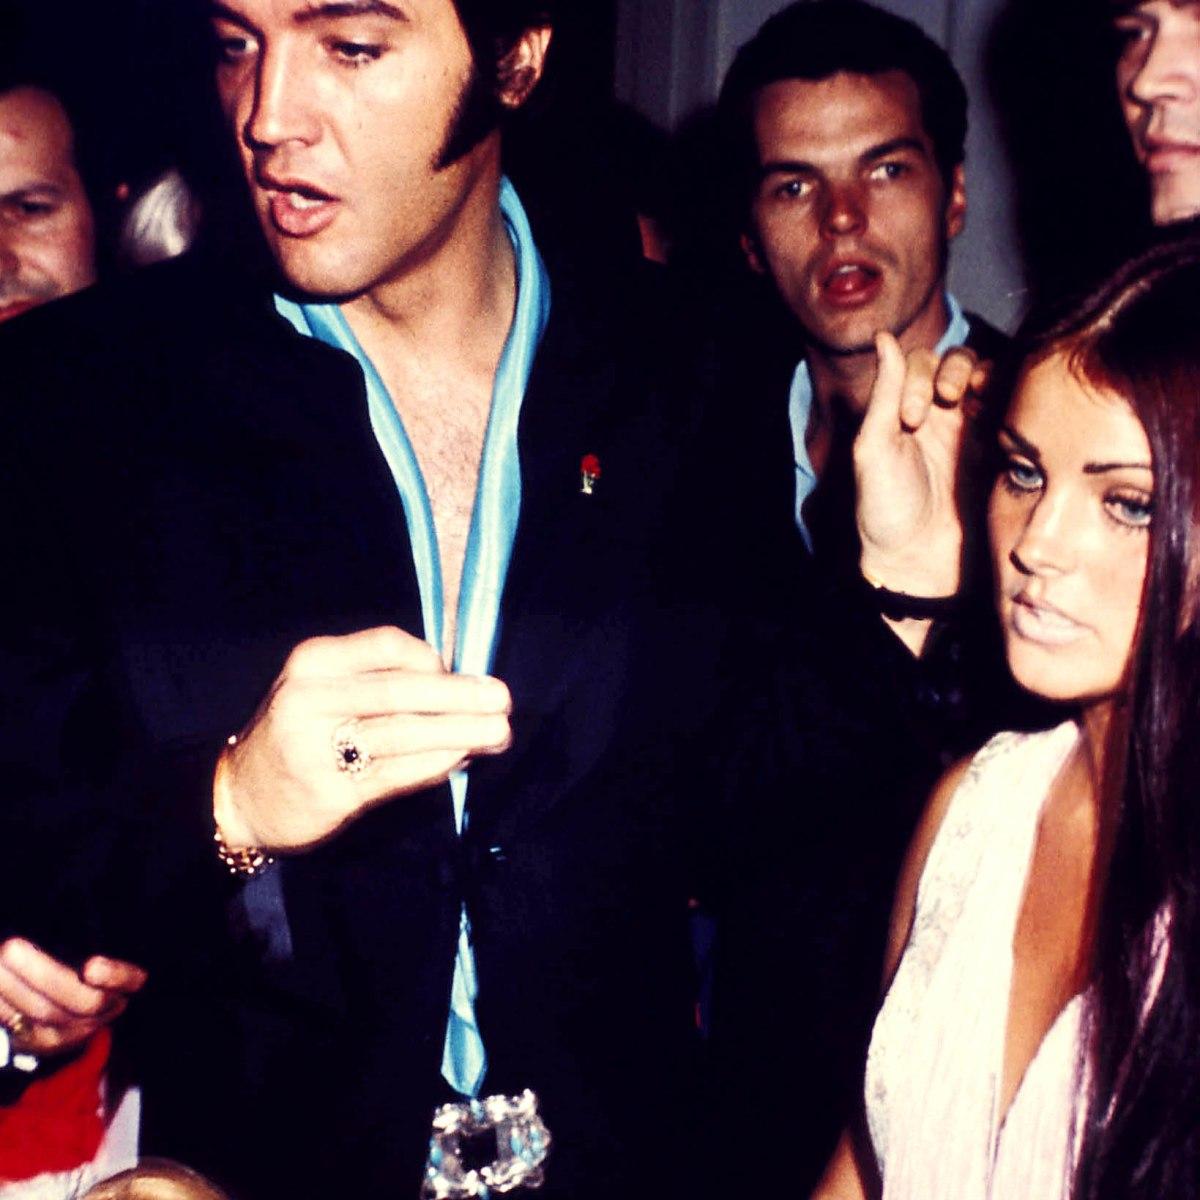 Elvis Presley And Priscilla Presley Relationship Timeline Details